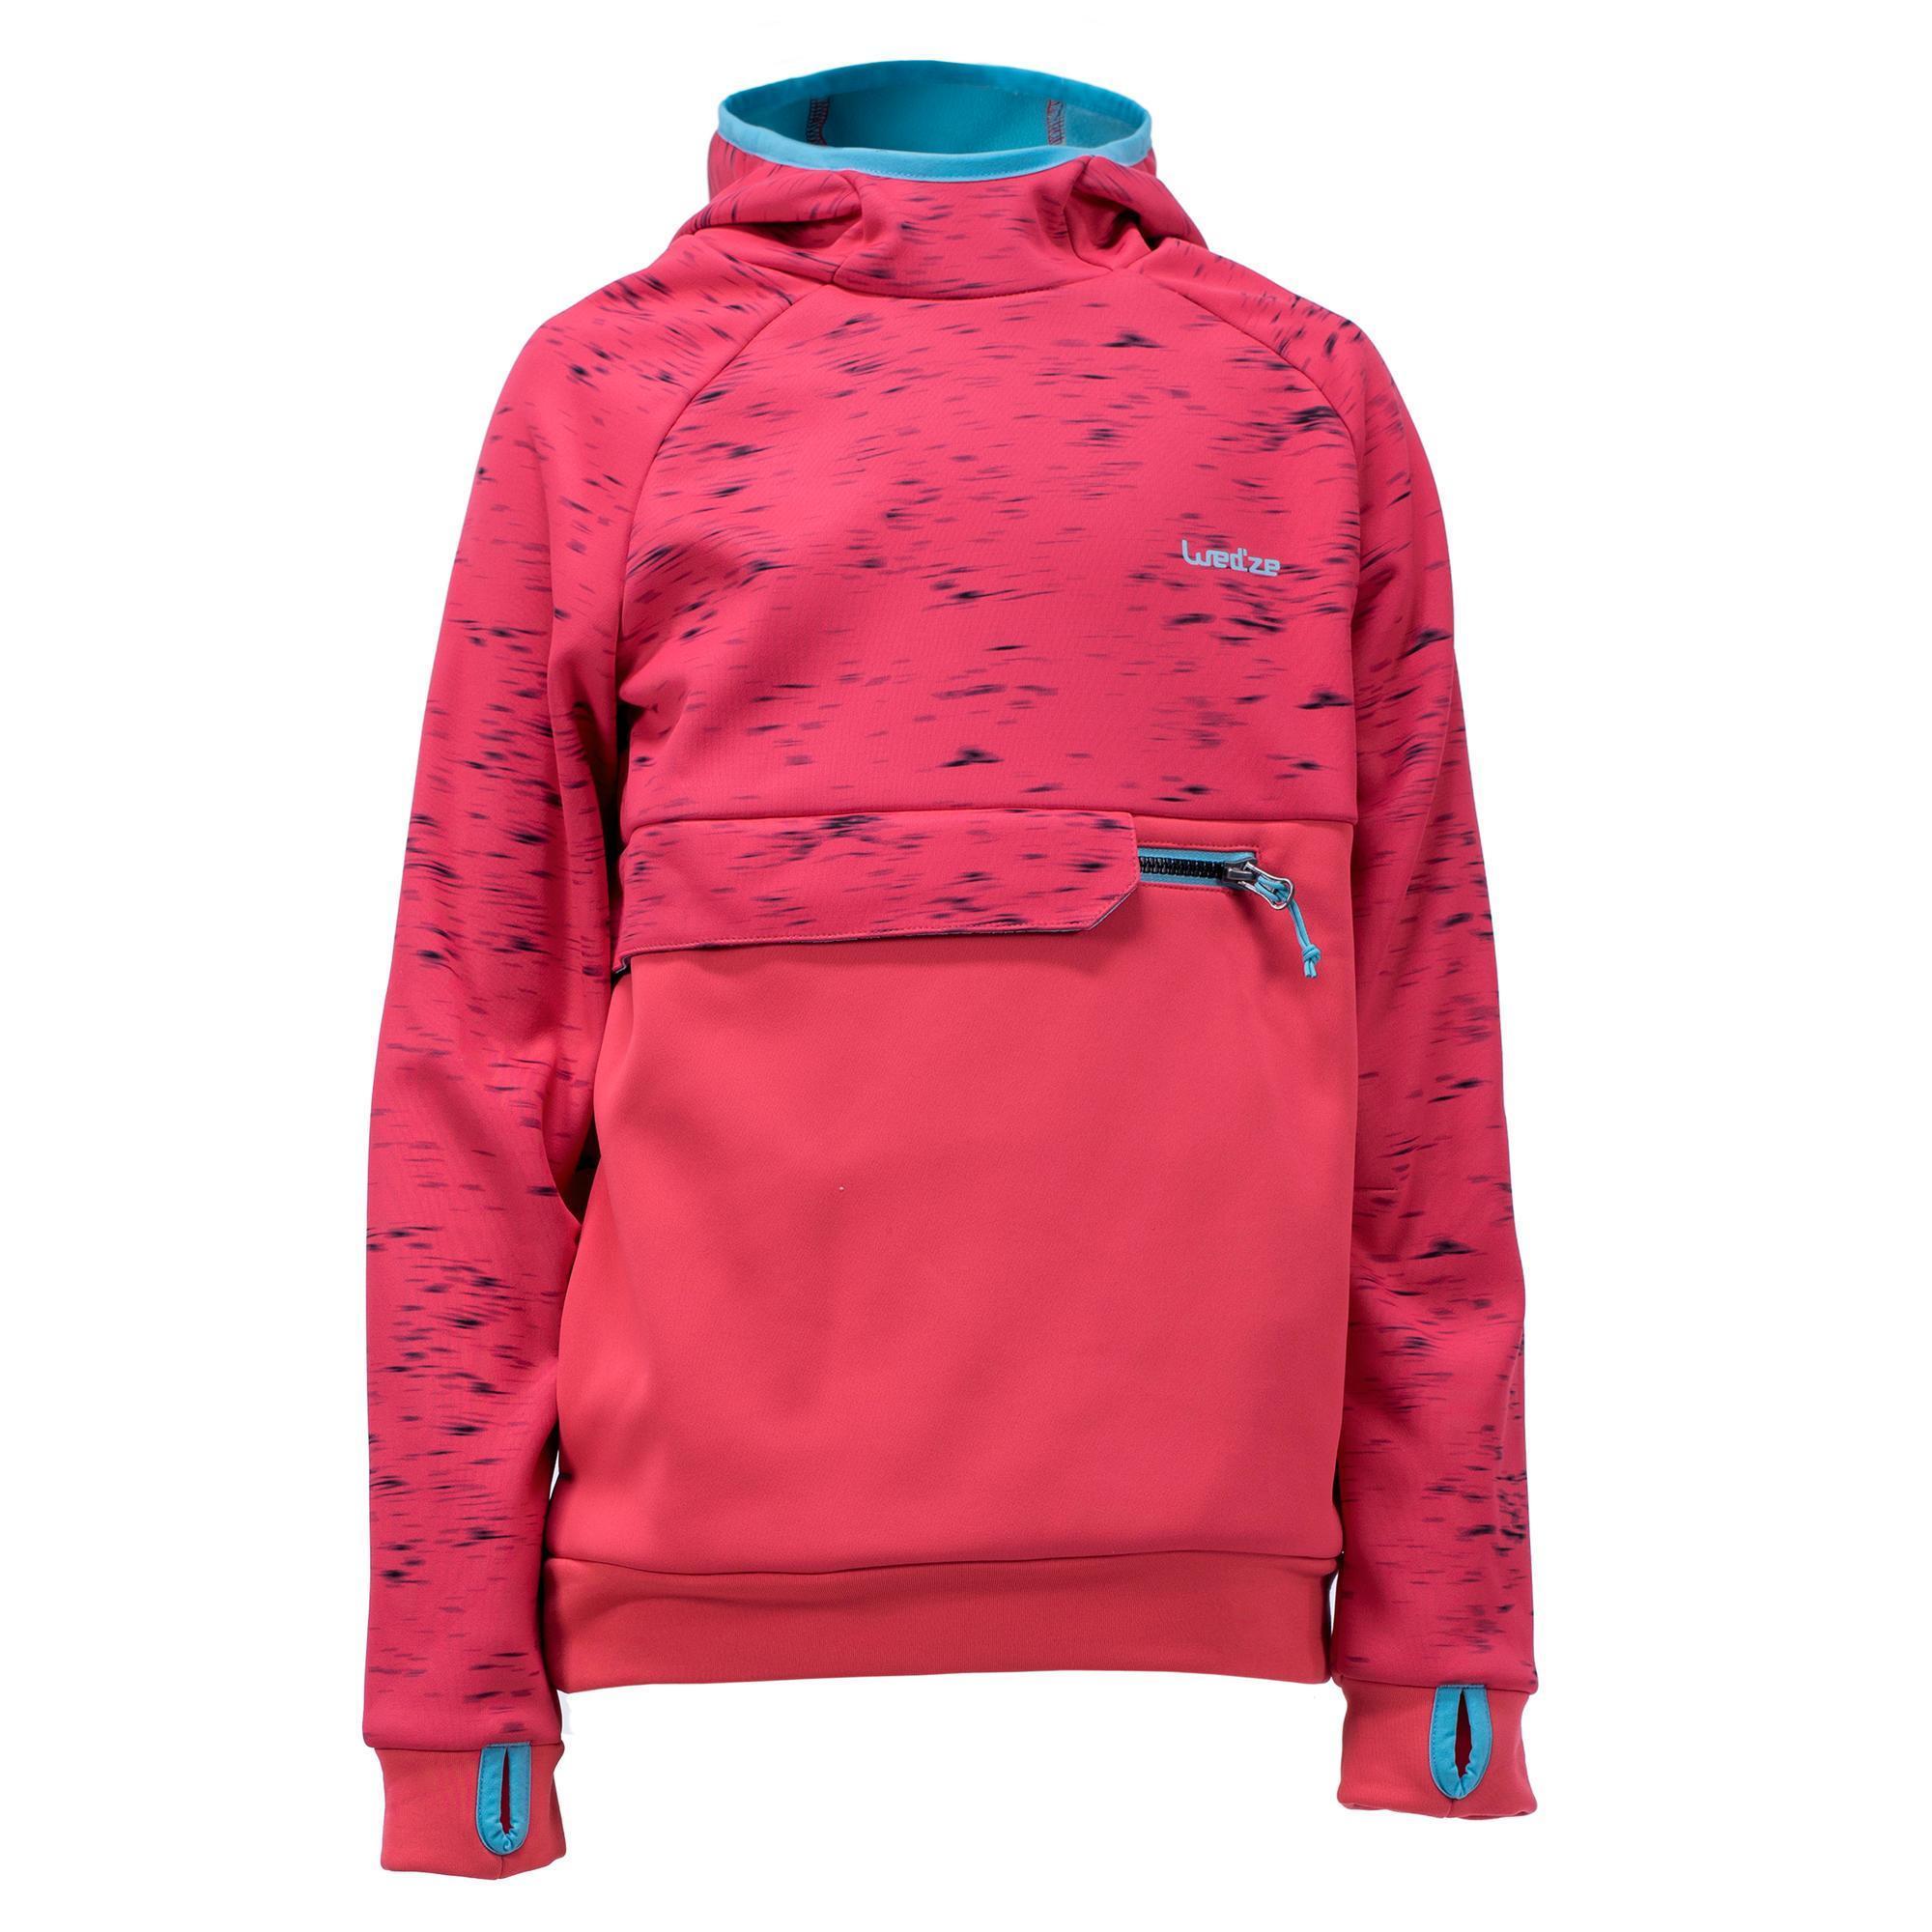 Jungen,Kinder,Mädchen,Kinder Sweatshirt Snowboard Ski SNB HDY Mädchen erdbeerrot | 03608449860307